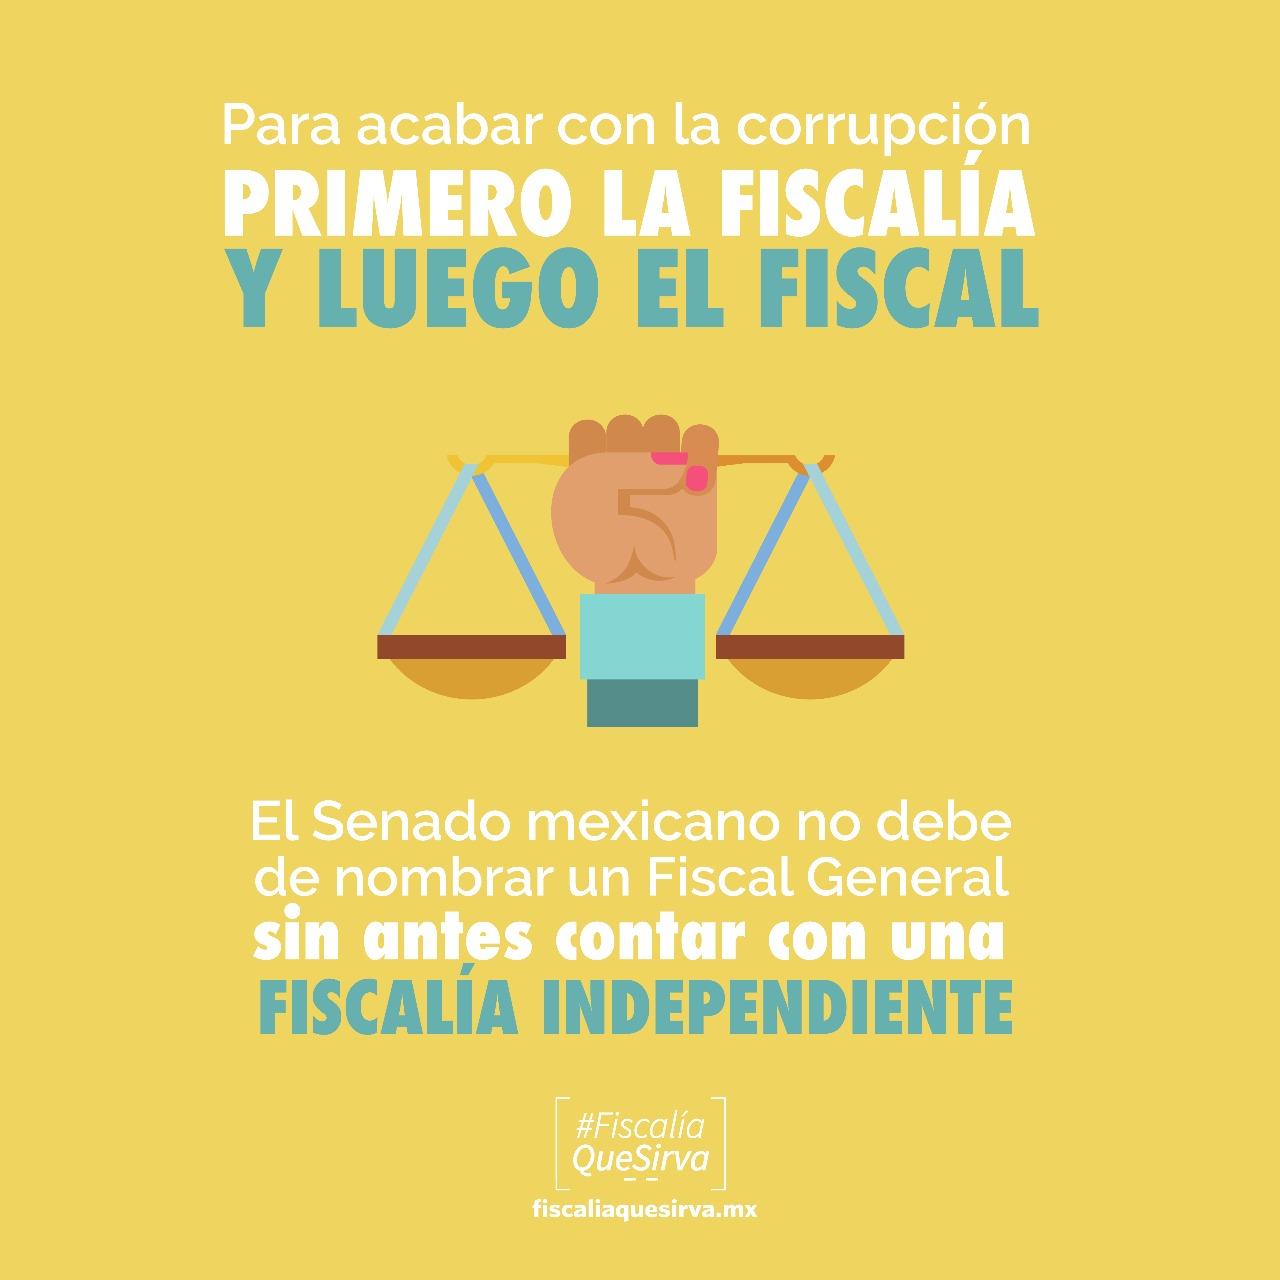 Para acabar con la corrupción, primero la fiscalía, luego el fiscal